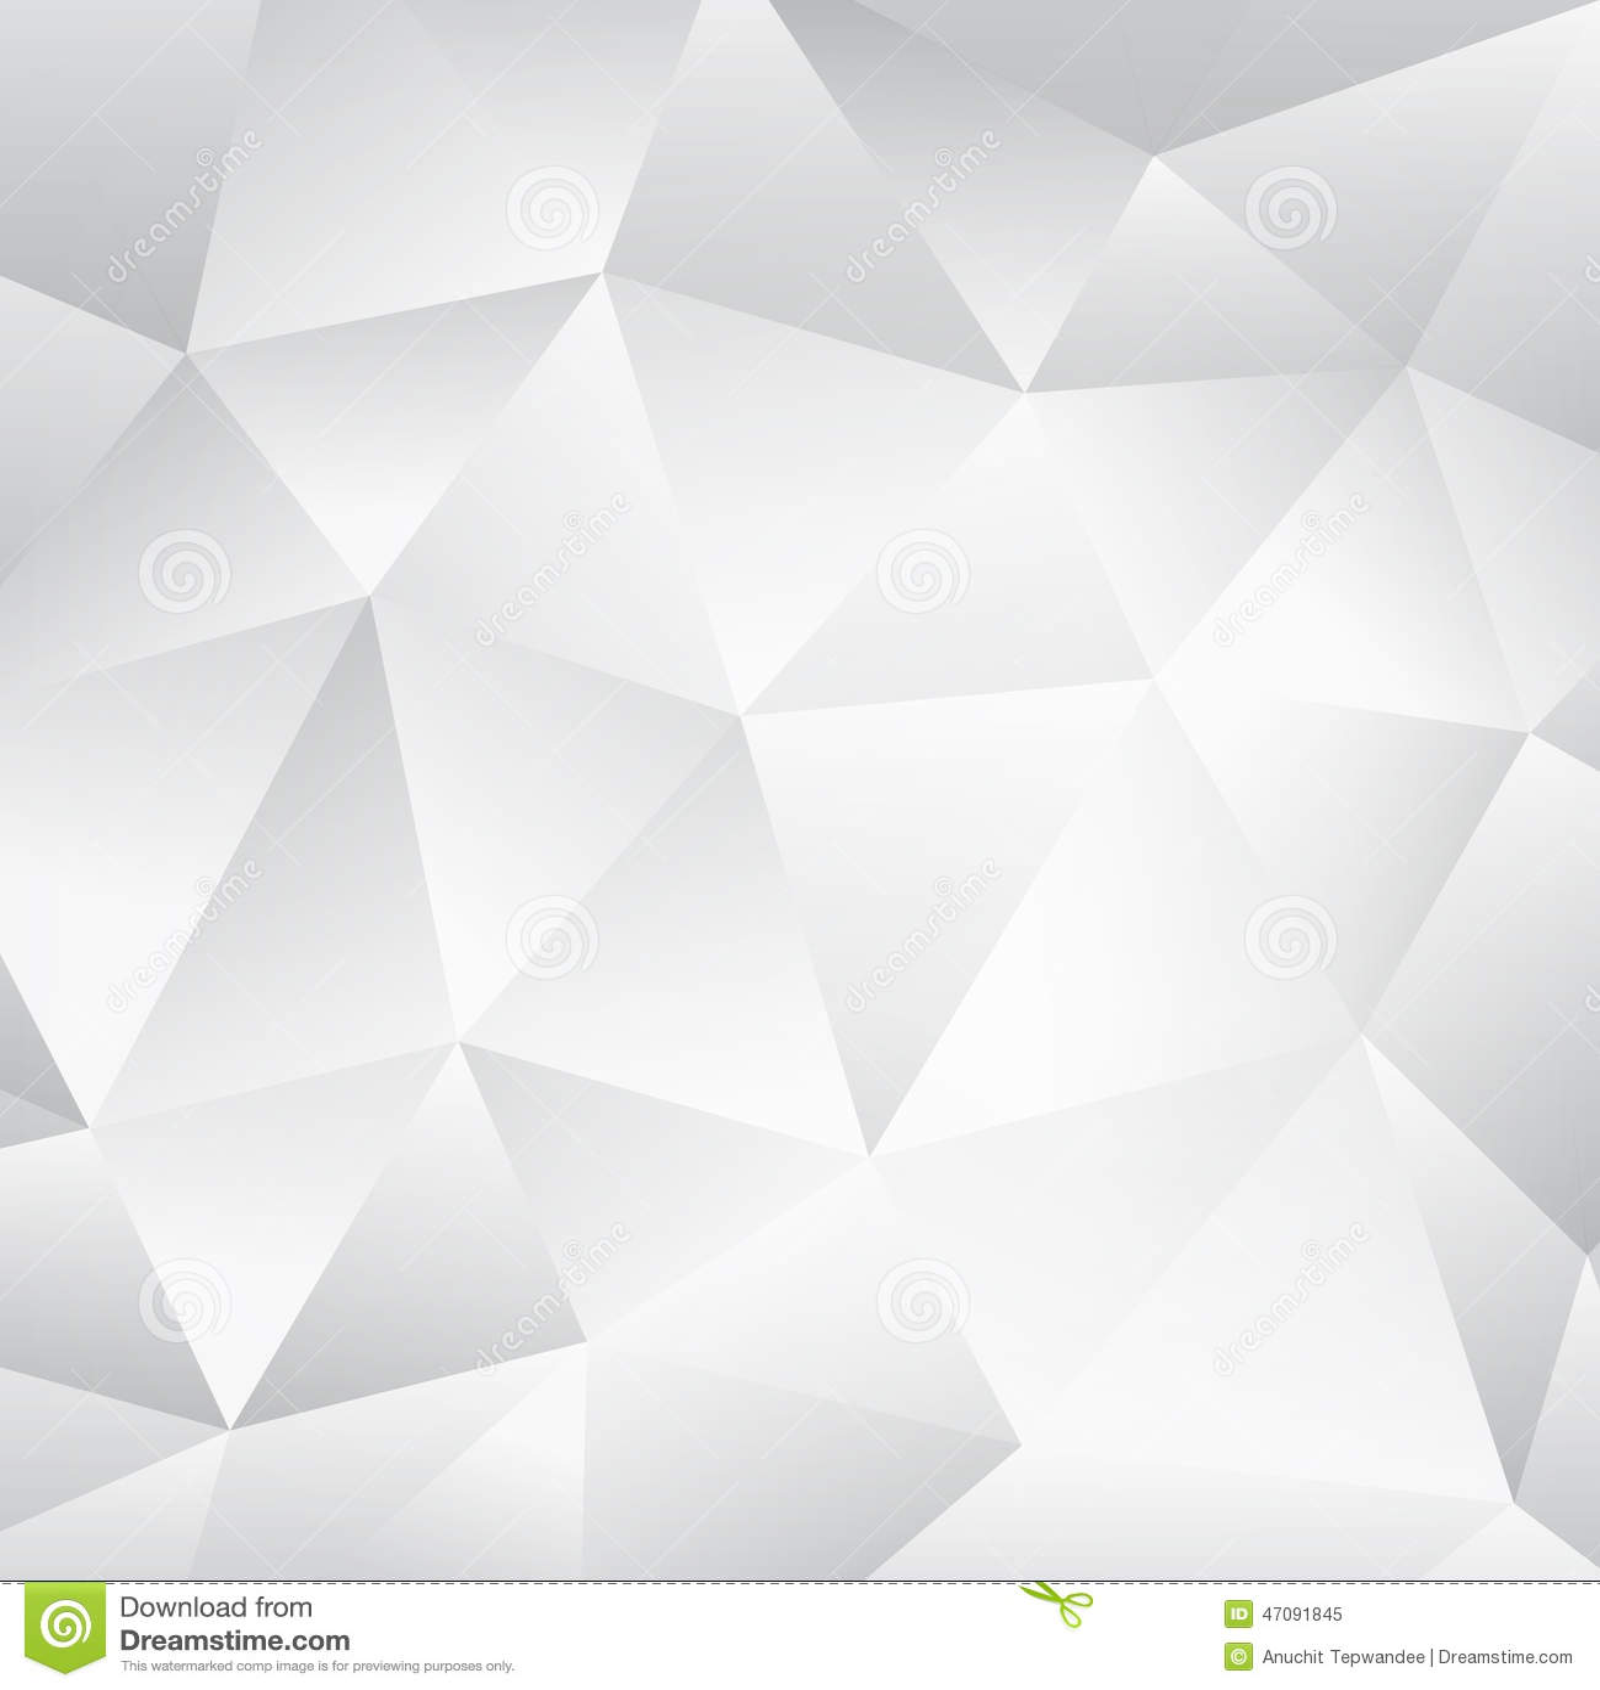 Фон градиент белый